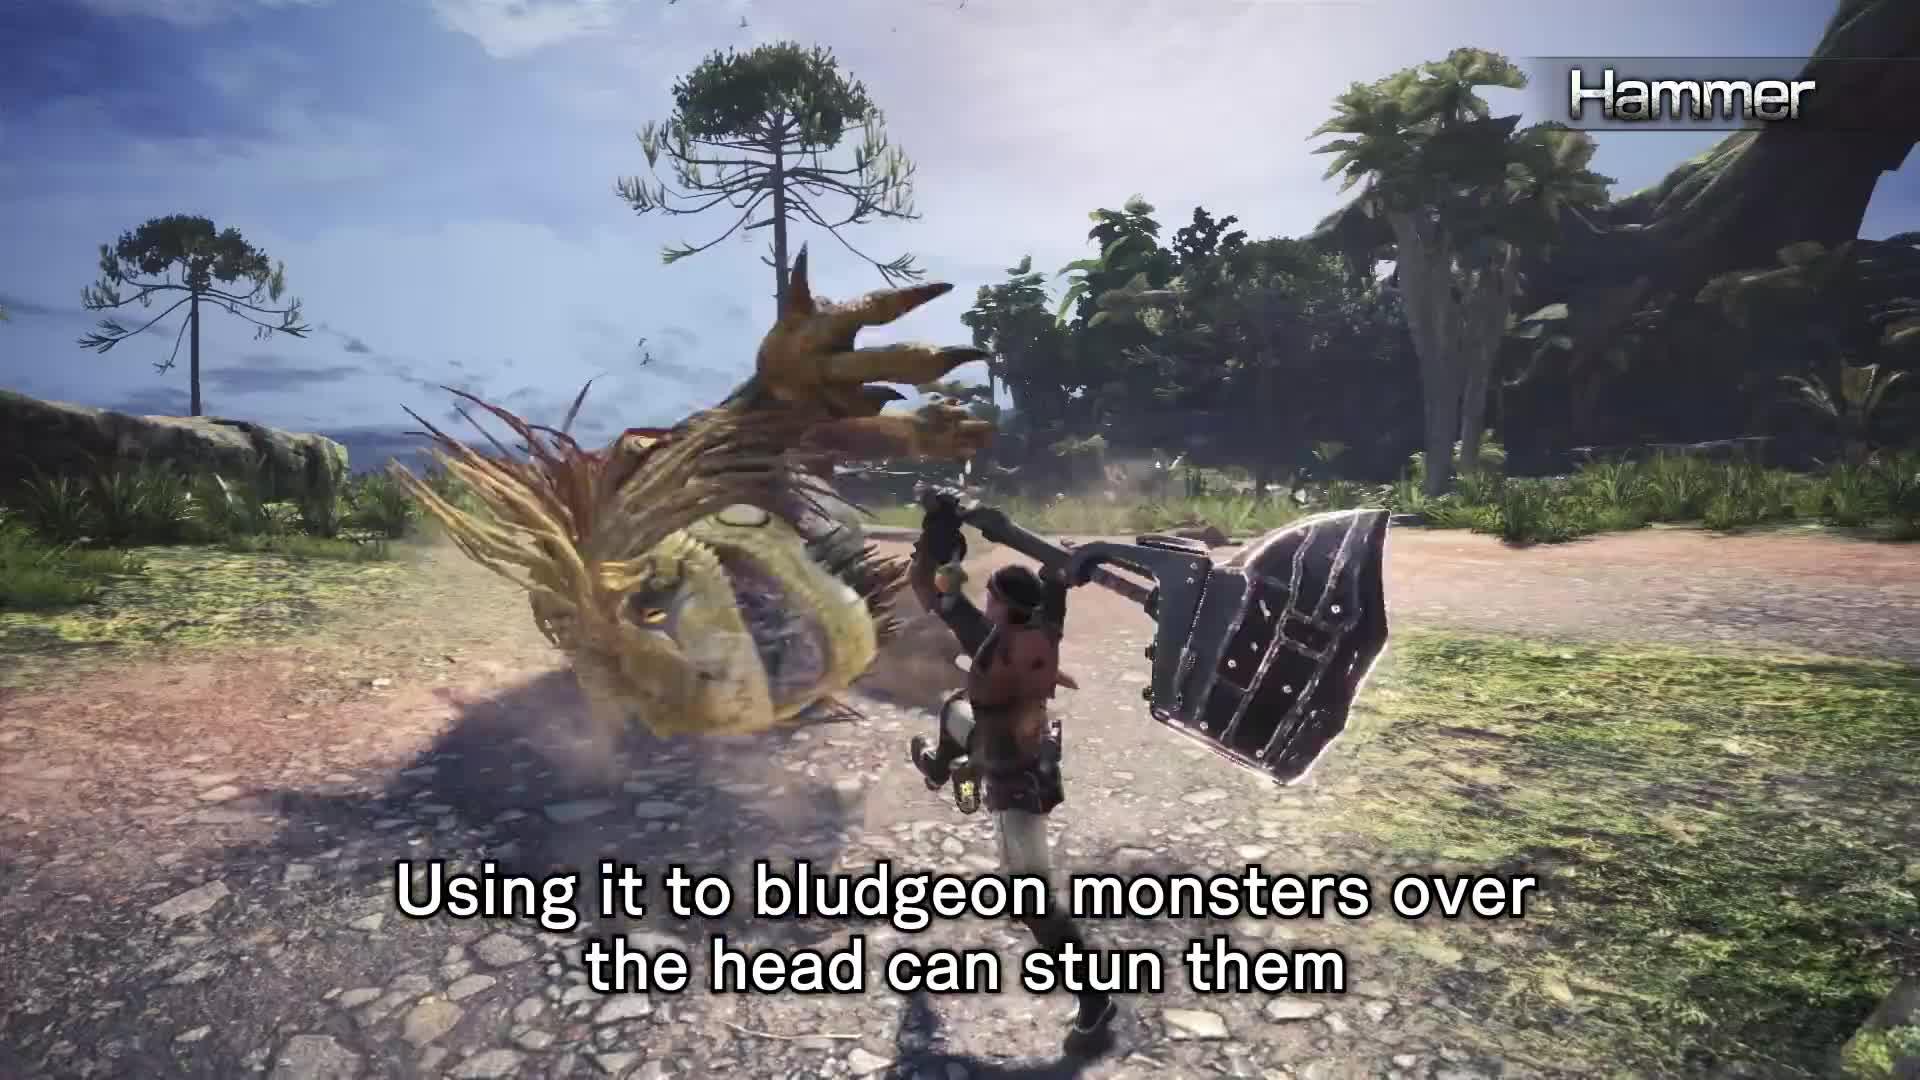 action, capcom, hunting, mh, monster hunter, multiplayer, rpg, Monster Hunter: World - Hammer Overview GIFs